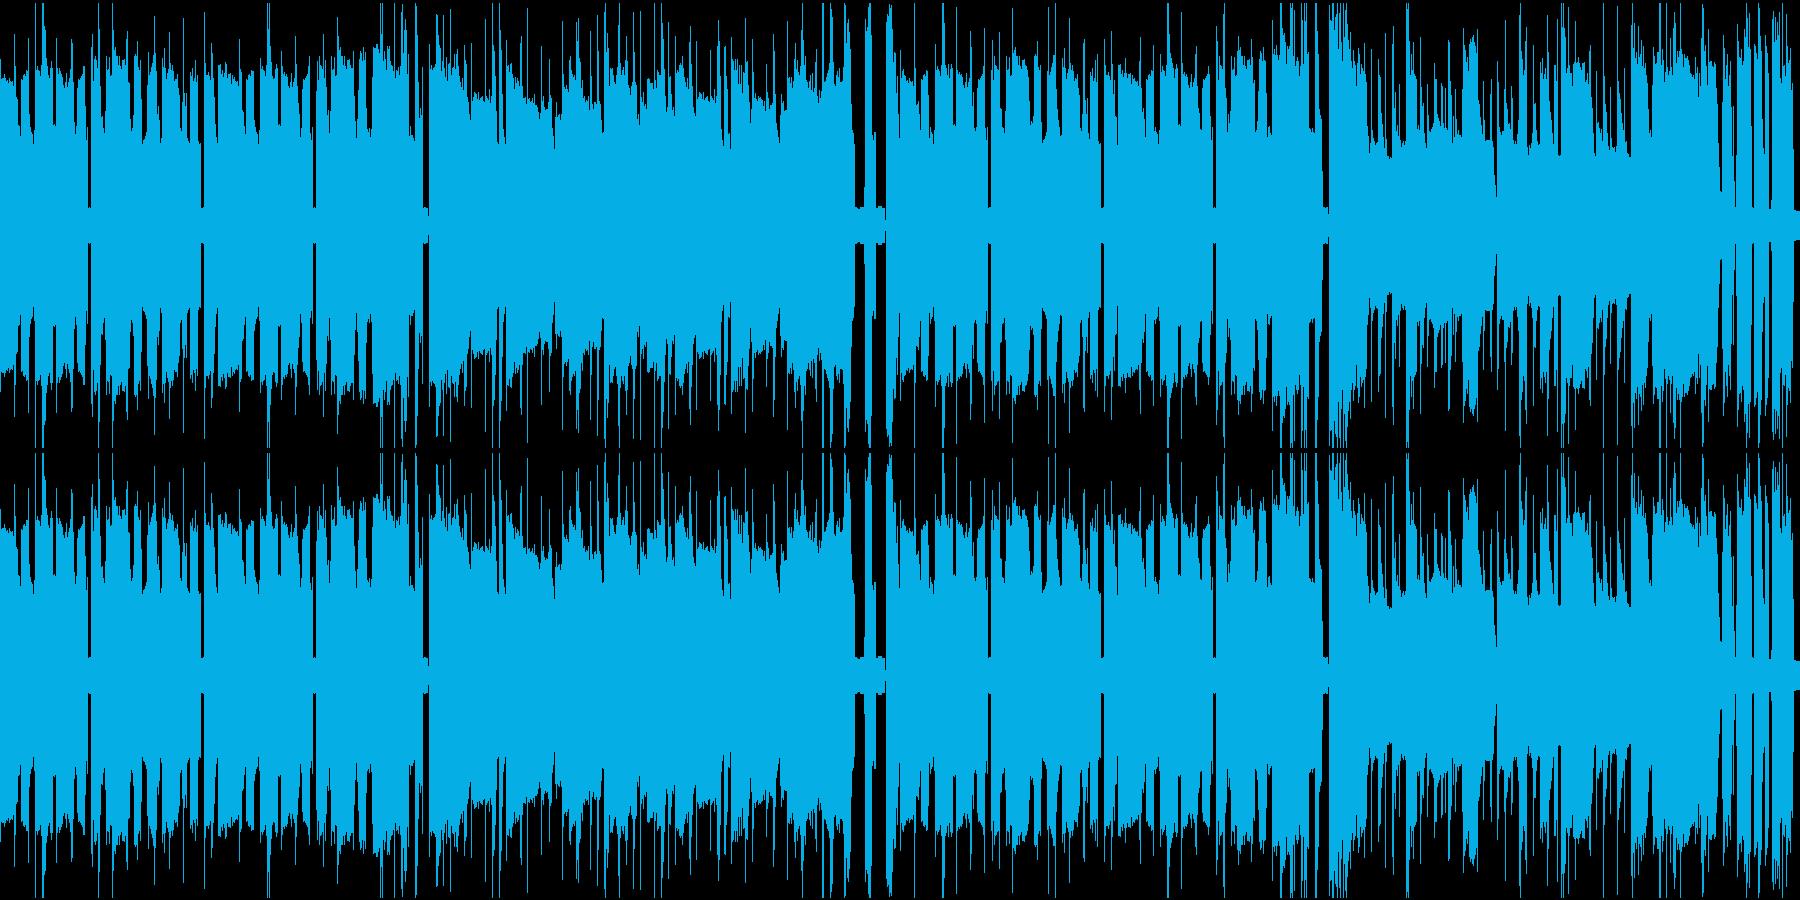 ファミコンのアクションゲームっぽいBGMの再生済みの波形